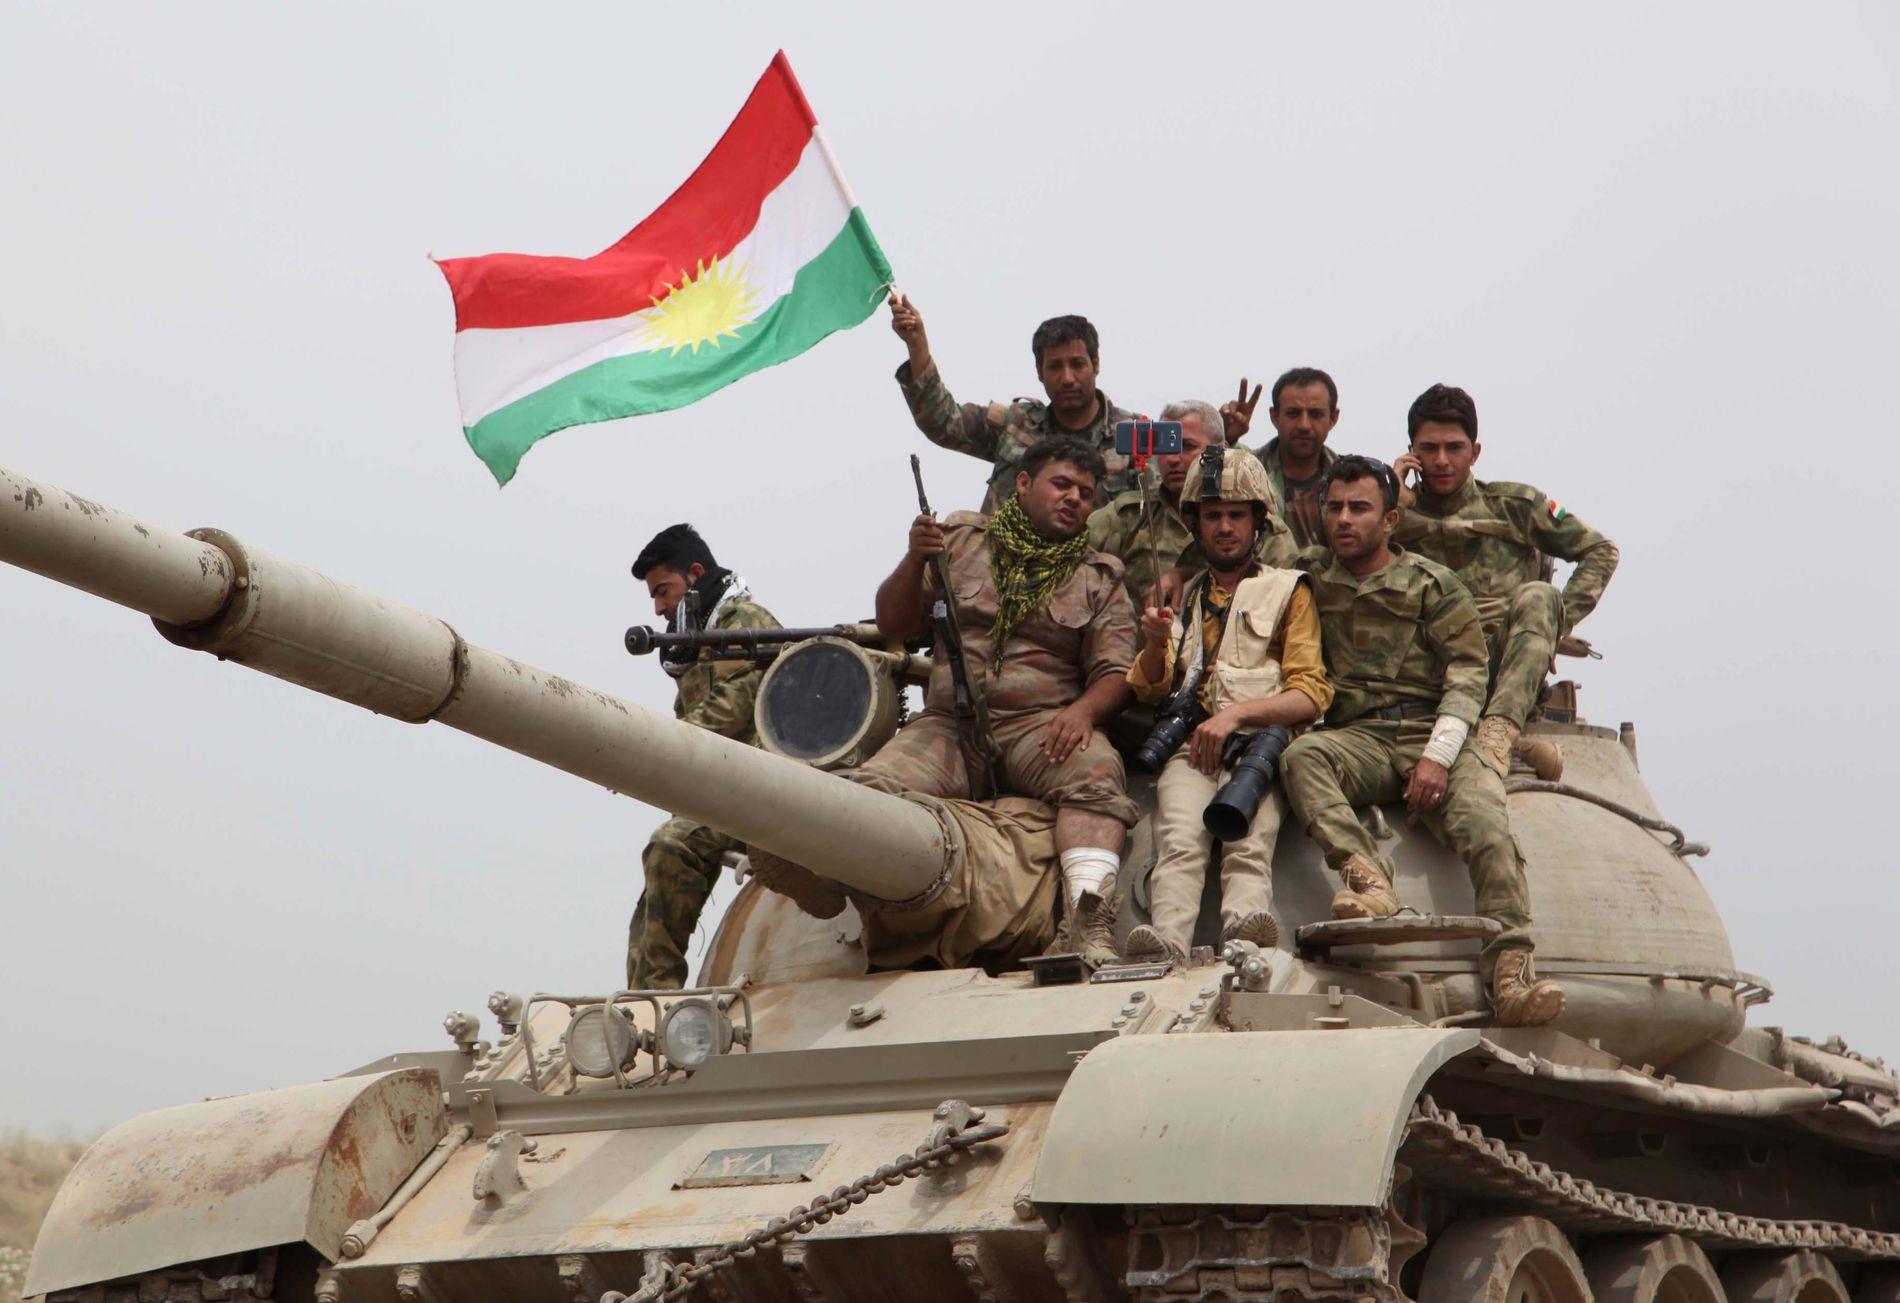 RYKKER FRAM: Kurdiske peshmerga-styrker vifter med det kurdiske flagget og tar selfie-bilder i det de ruller inn i den irkaske byen Bashir etter å ha fordrevet IS derfra i mai. Foto: AFP